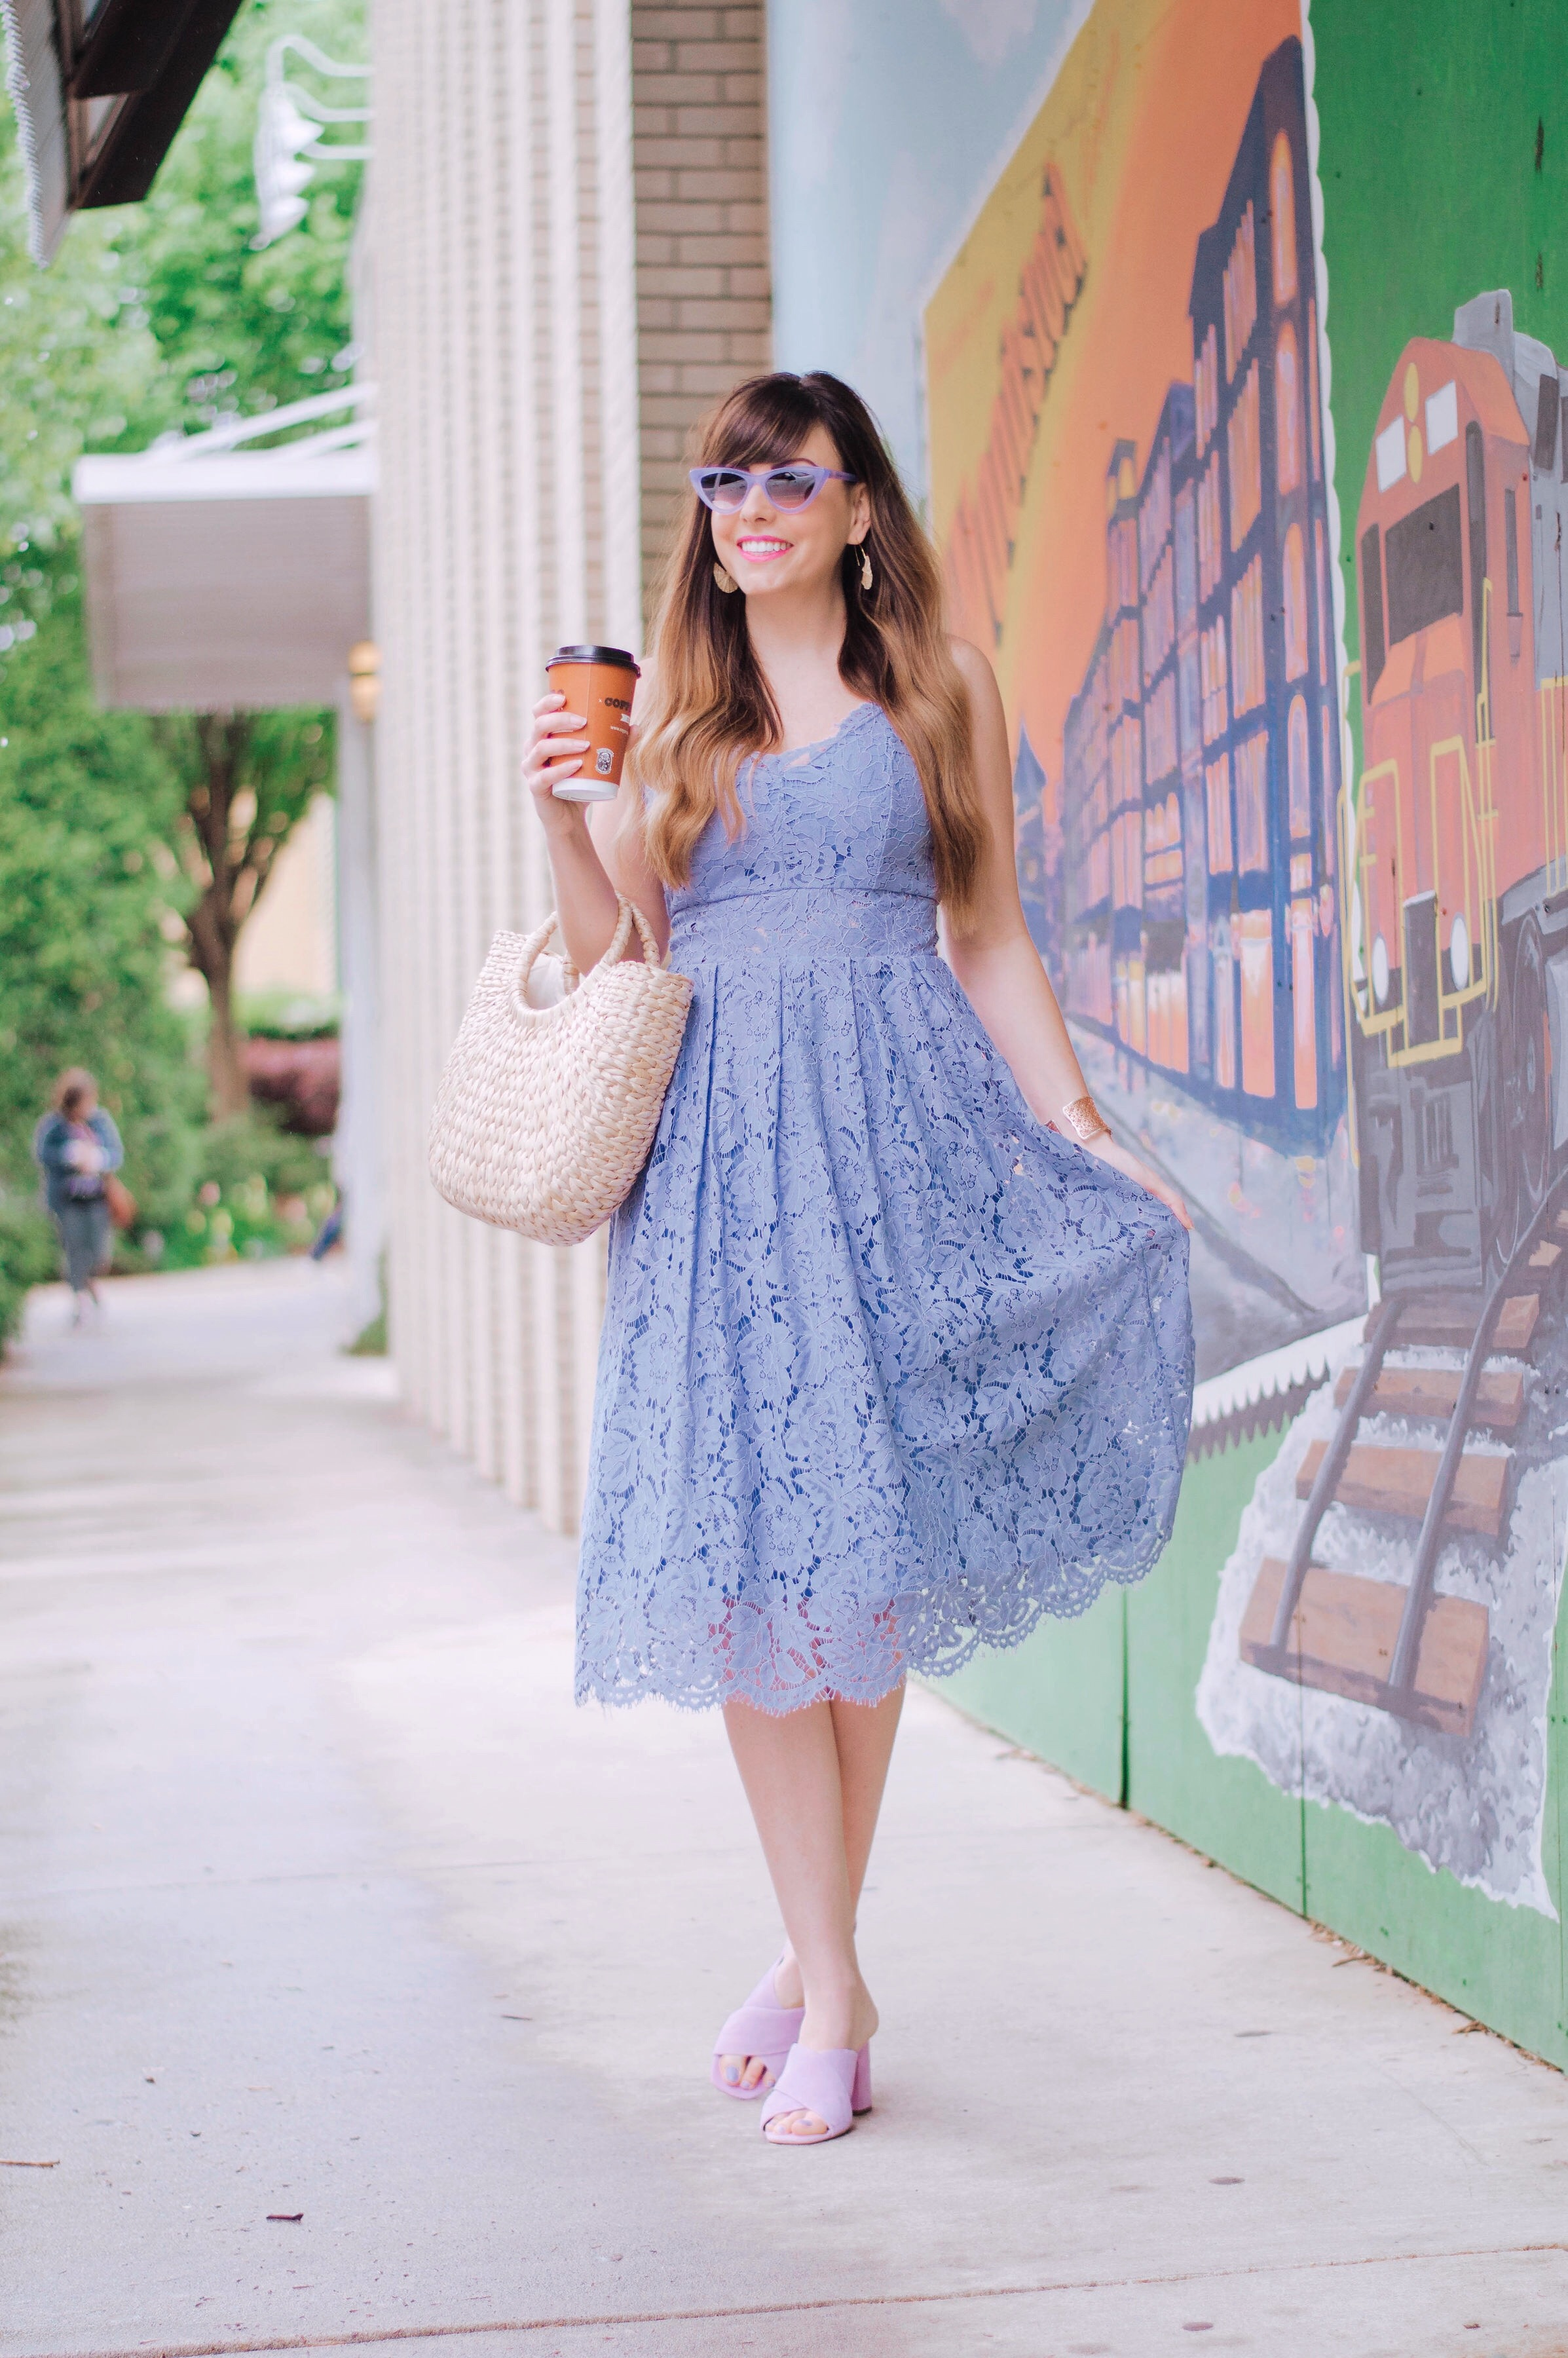 lace dress in woodstock ga.JPG